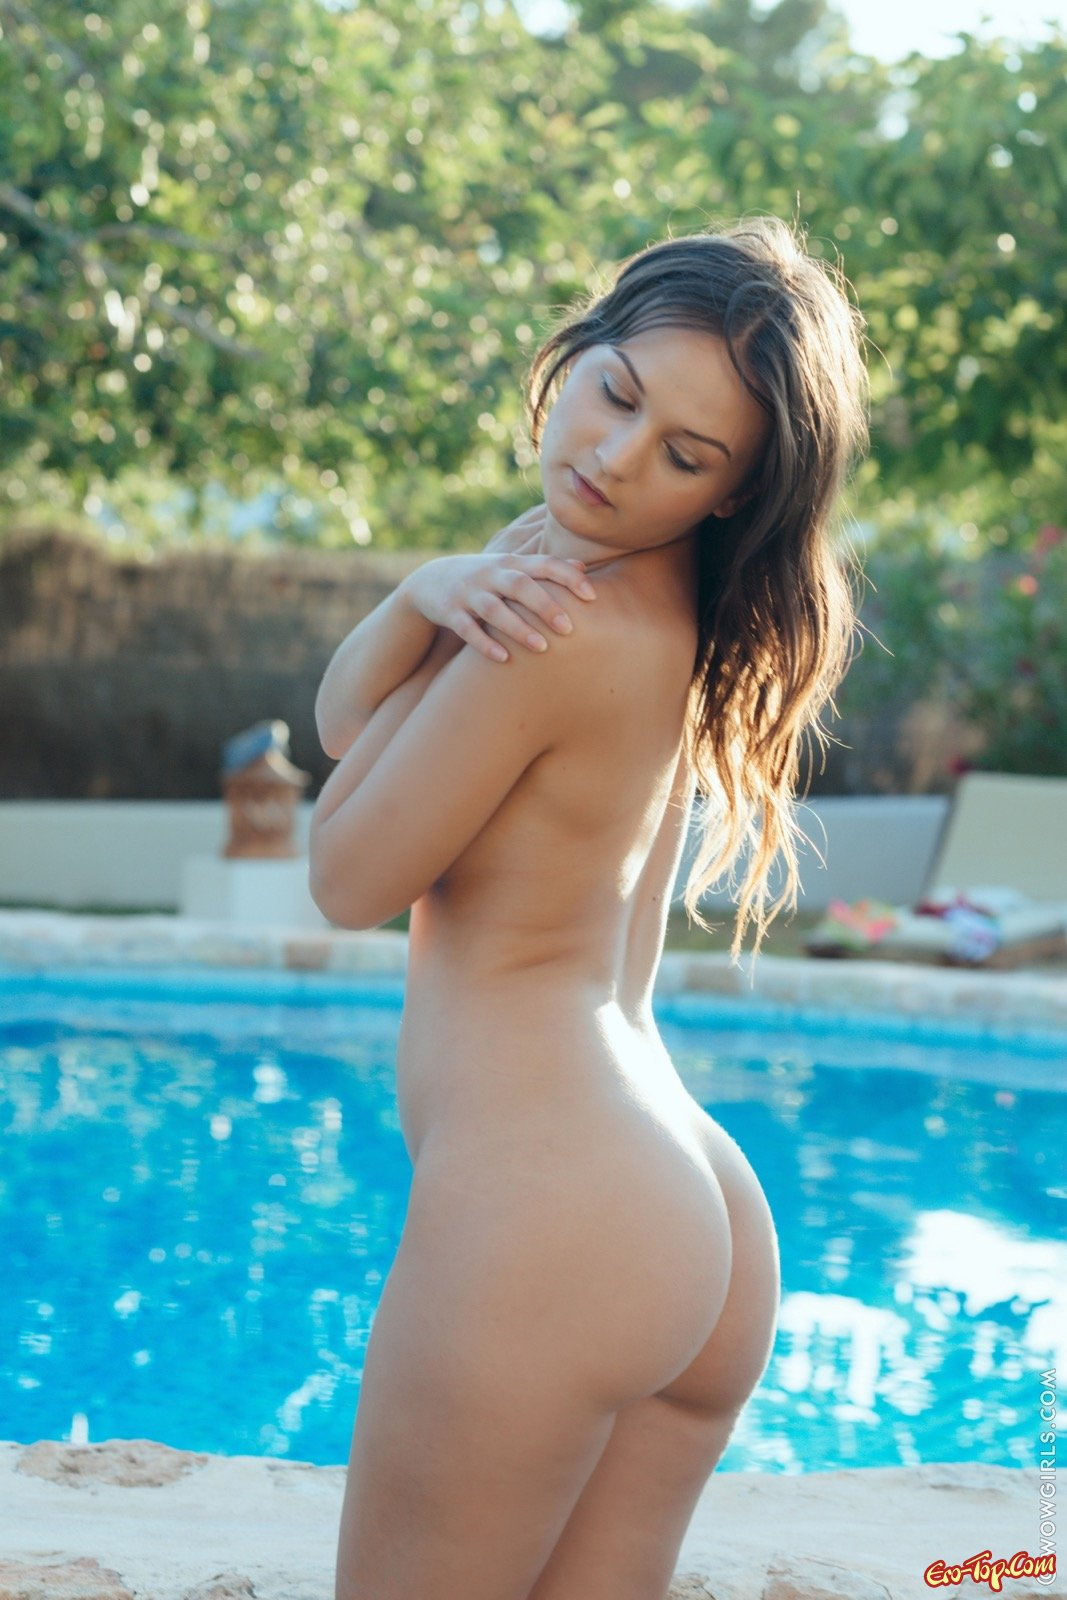 Развратная особа снимает купальник у бассейна